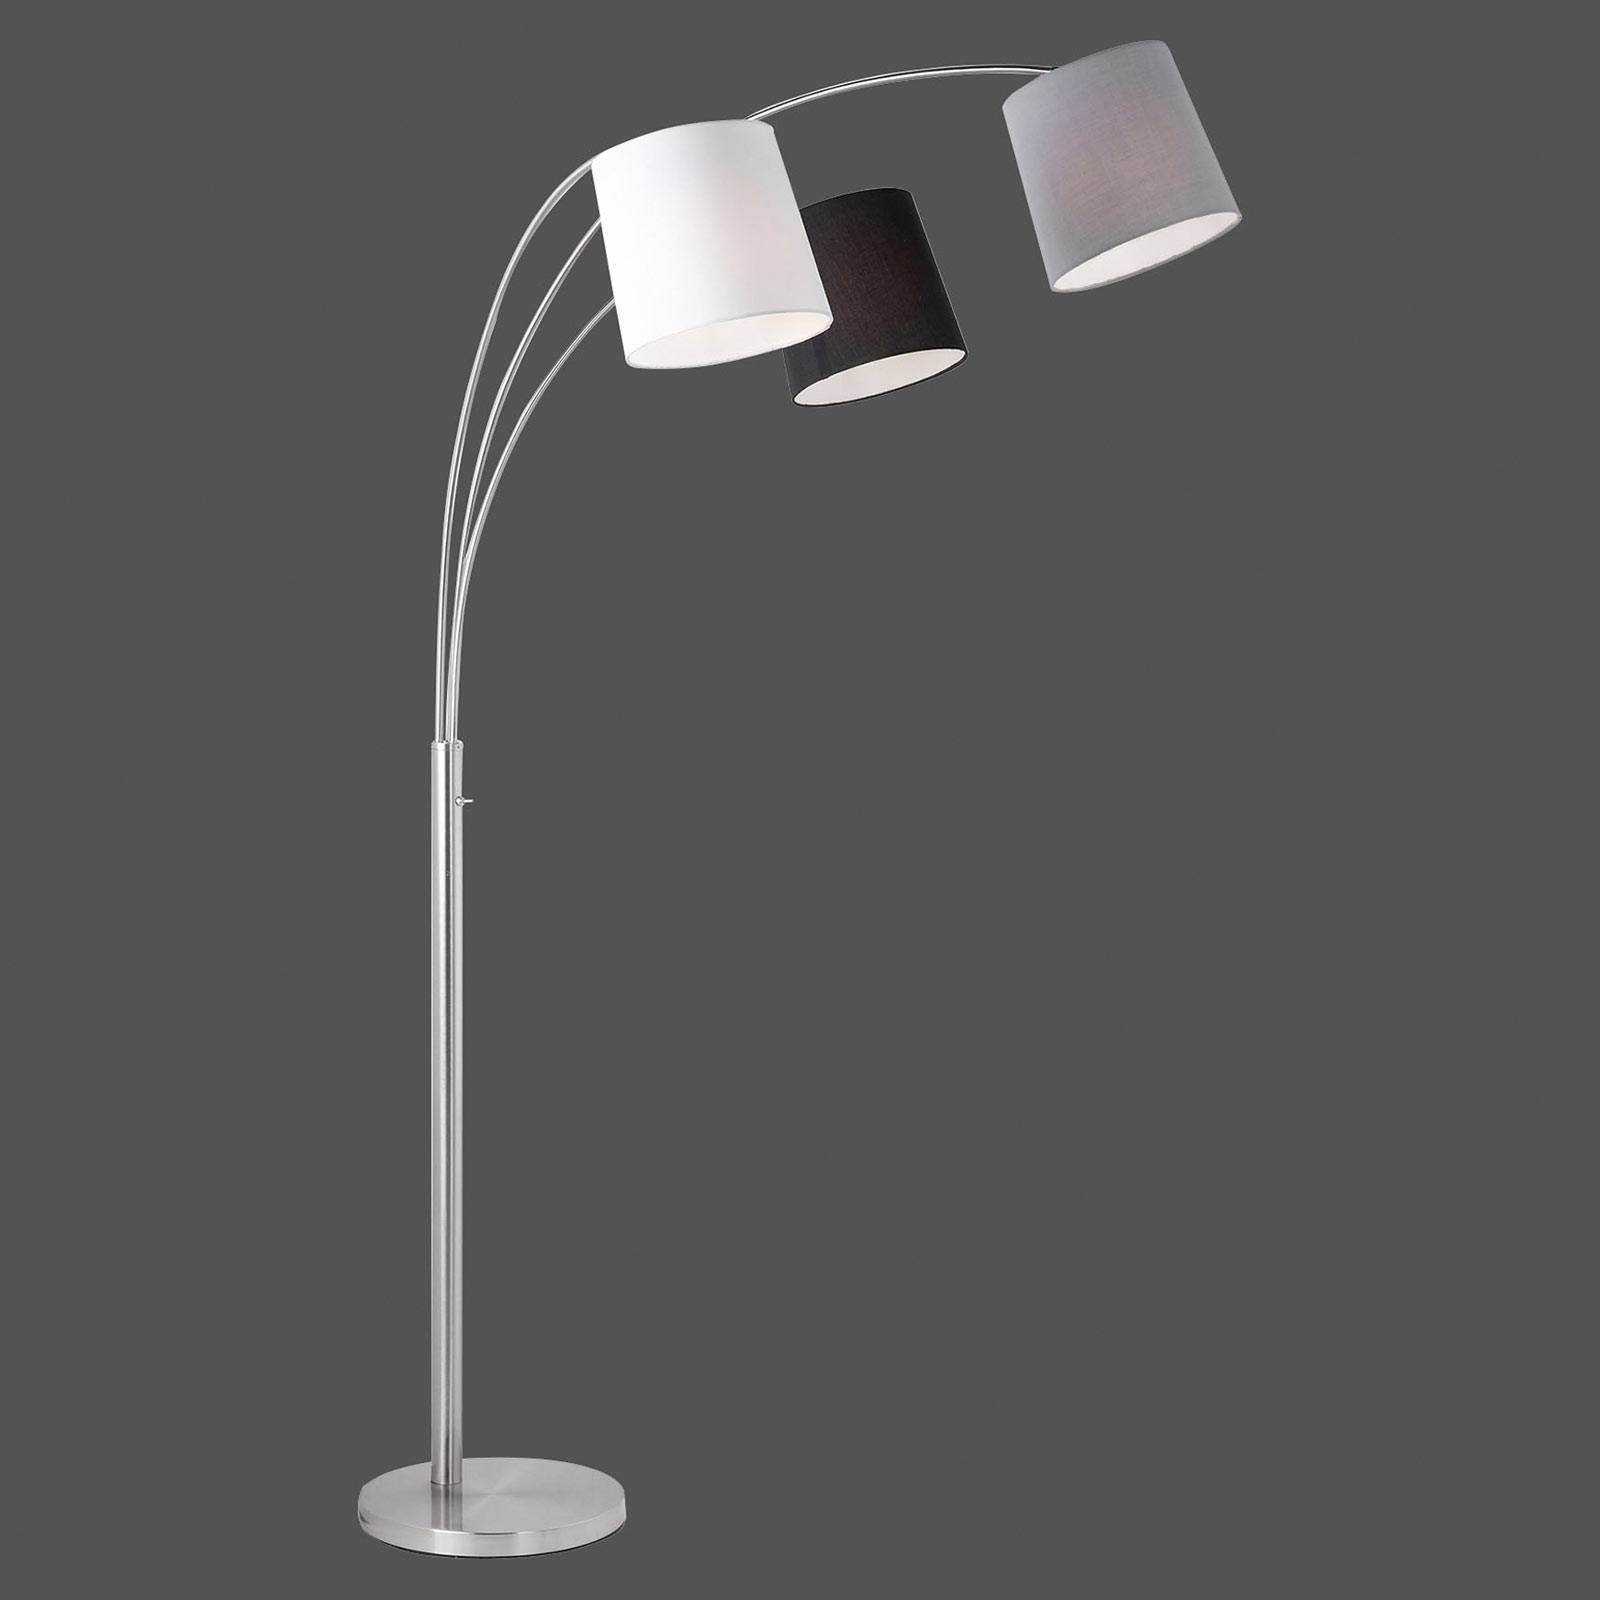 Vloerlamp Melvin, 3-lamps, zwart/grijs/wit